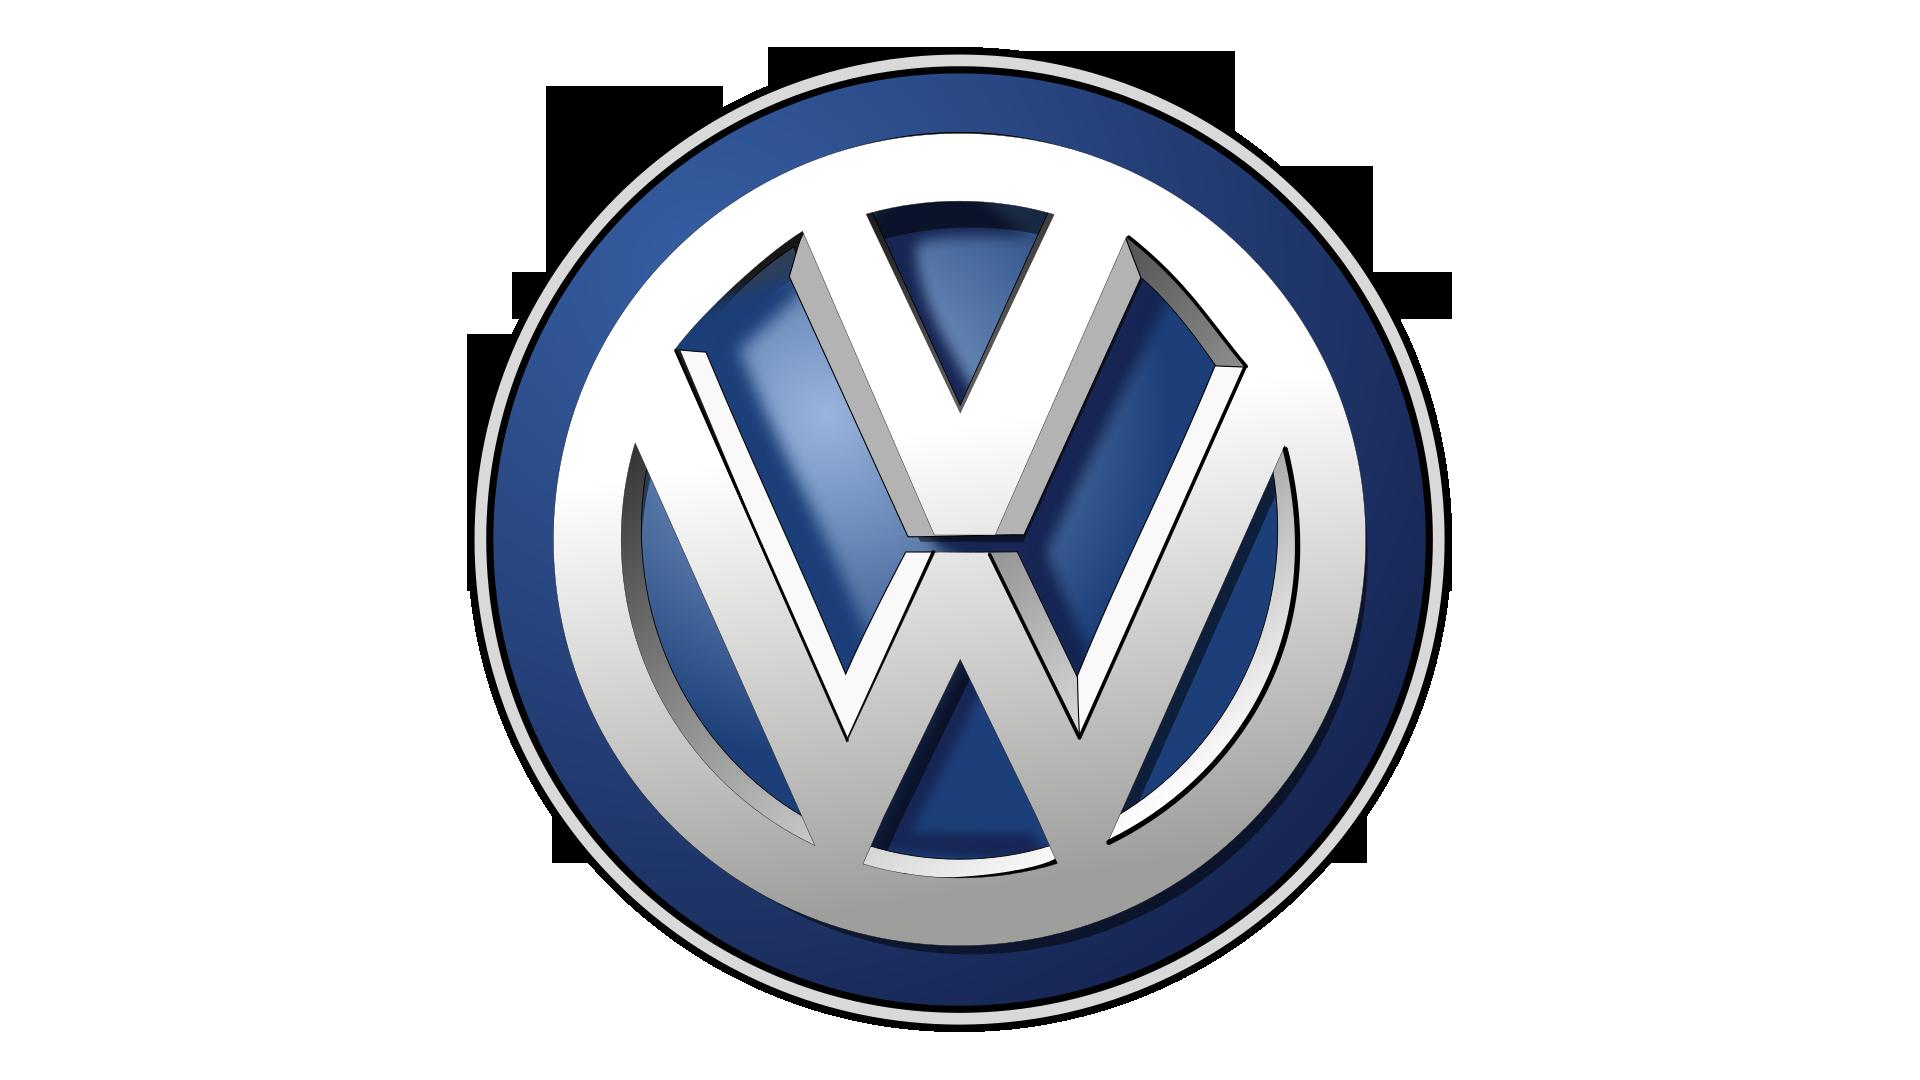 Volkswagen-logo-2015-1920x1080